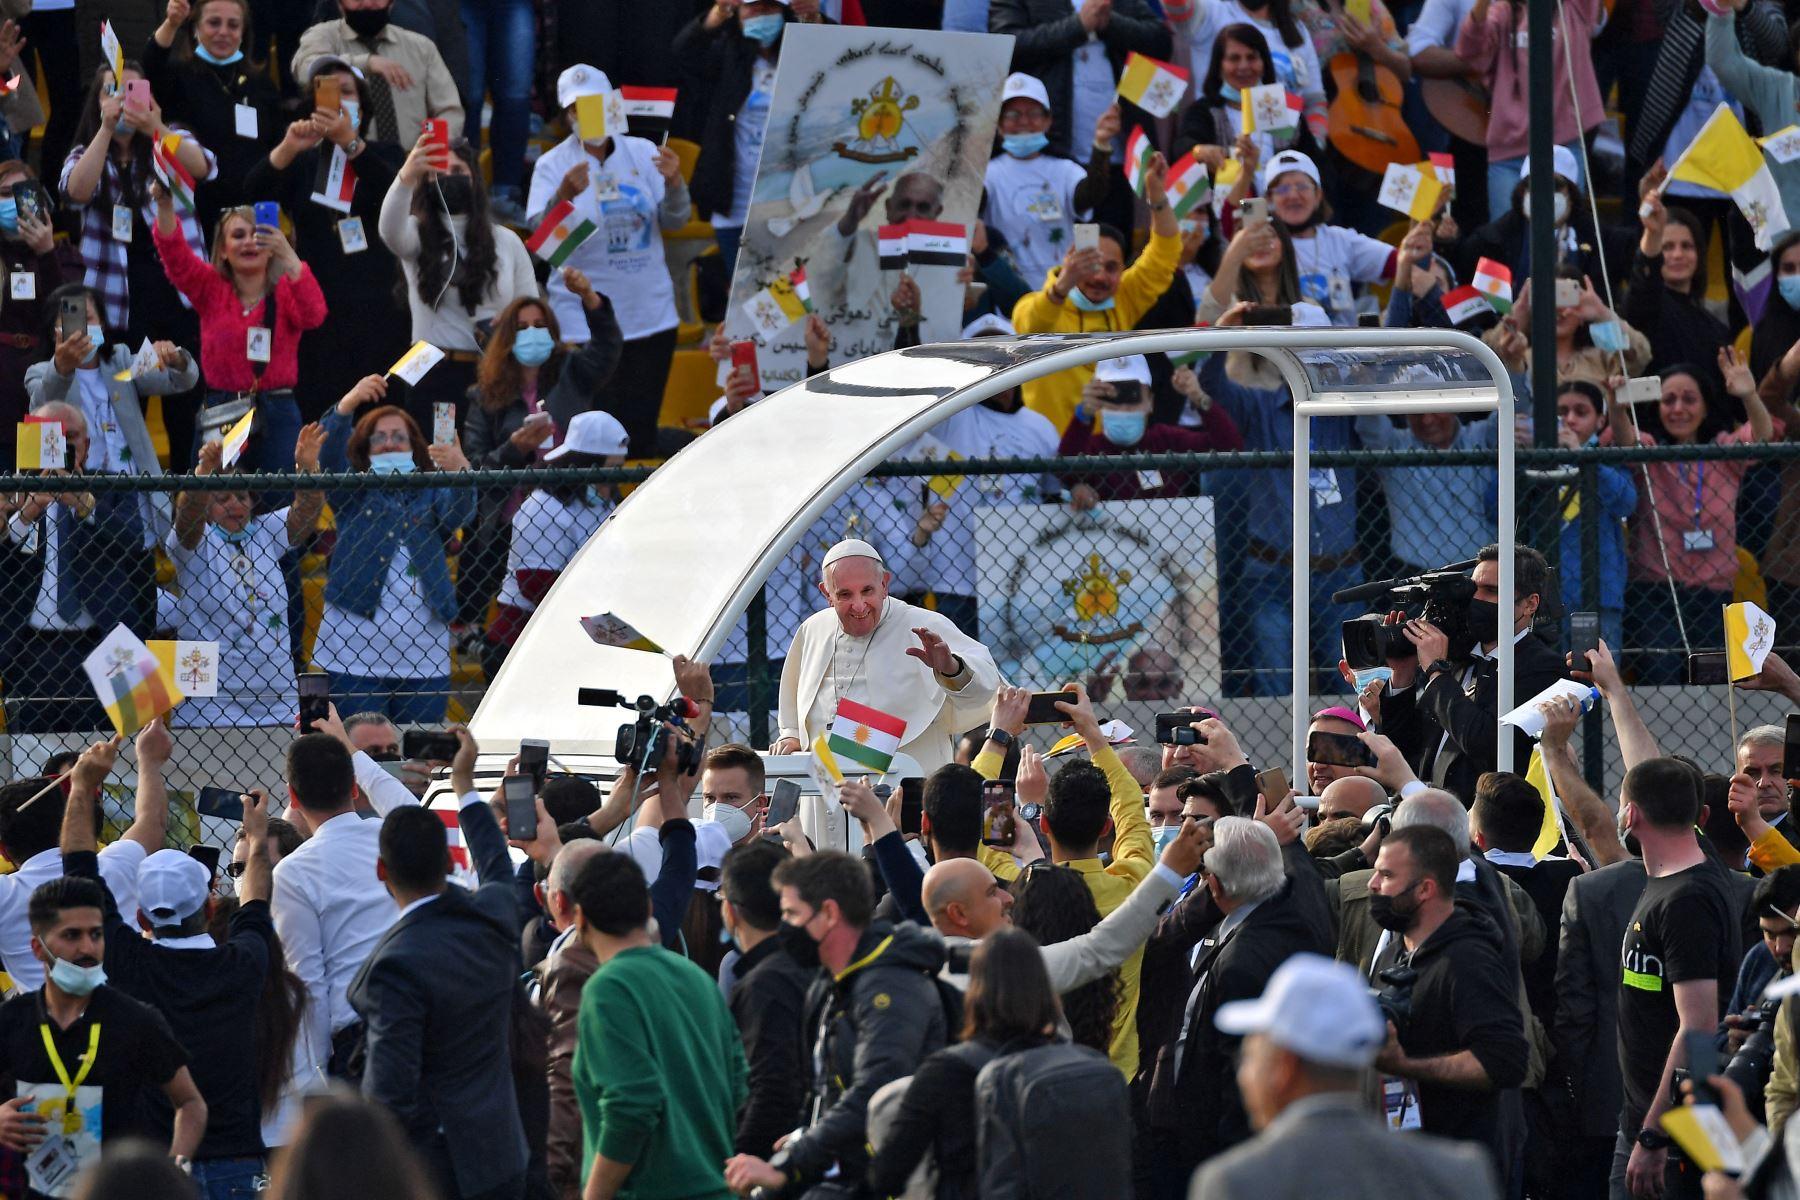 El Papa Francisco bendice a las personas cuando llega en el vehículo papamóvil al Estadio Franso Hariri en Arbil, en la capital de la región autónoma kurda del norte de Irak.  Foto: AFP